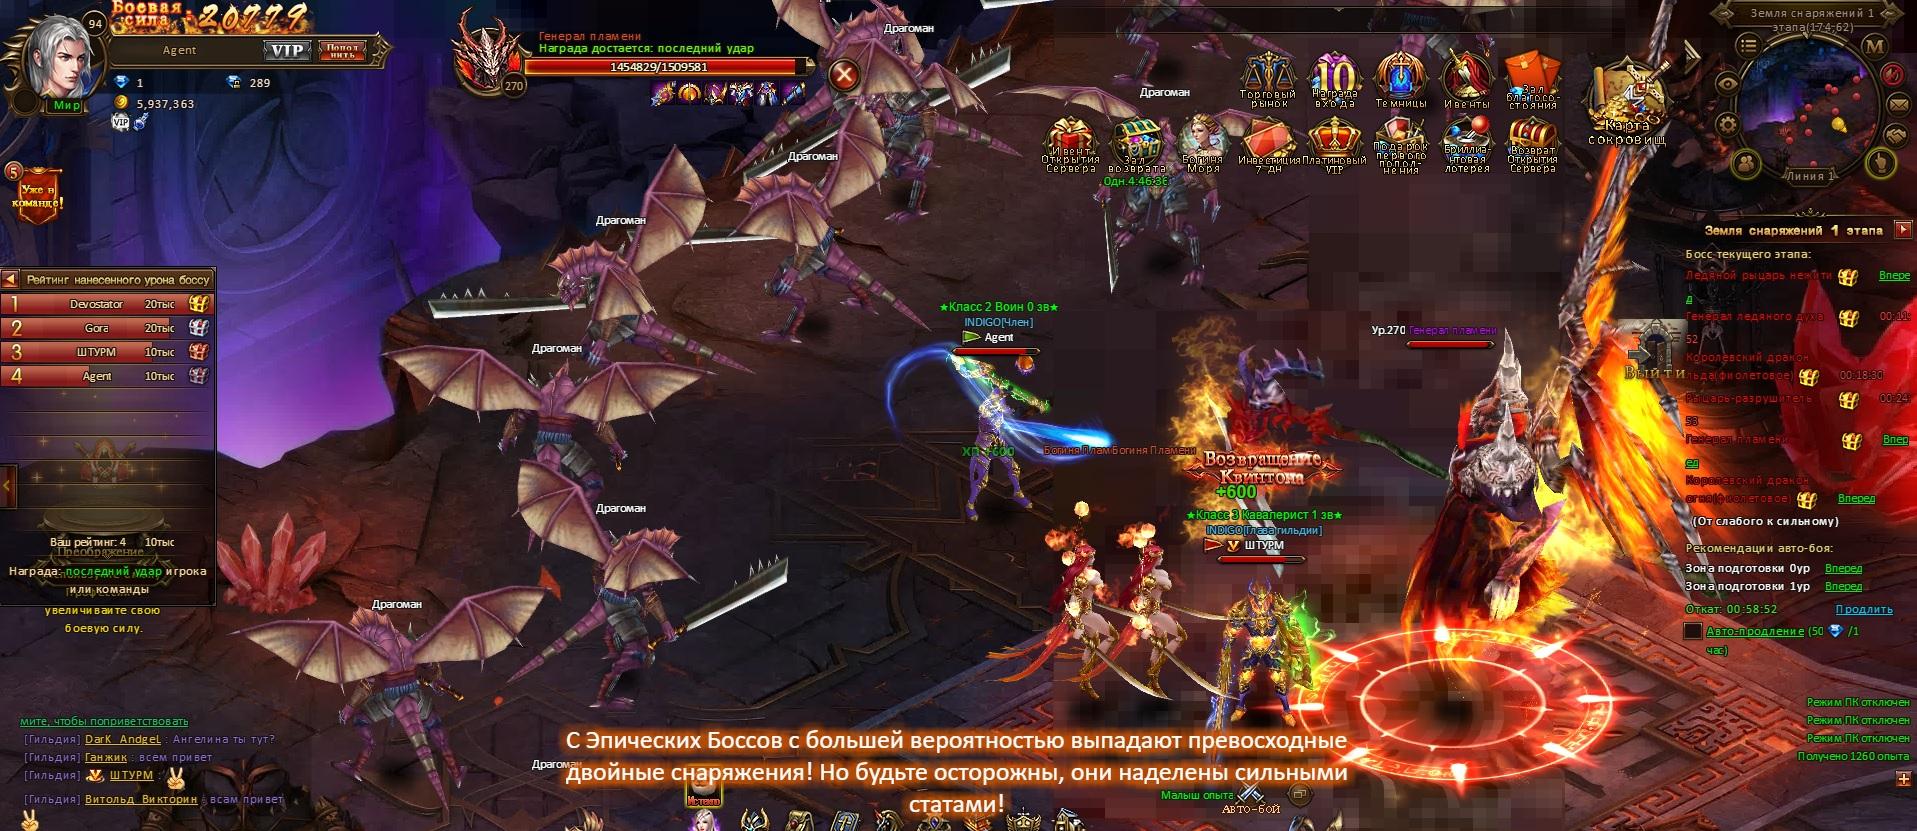 Ярость Квинтона – онлайн игра для любителей Дьябло, красивой 3D графики и захватывающих боев